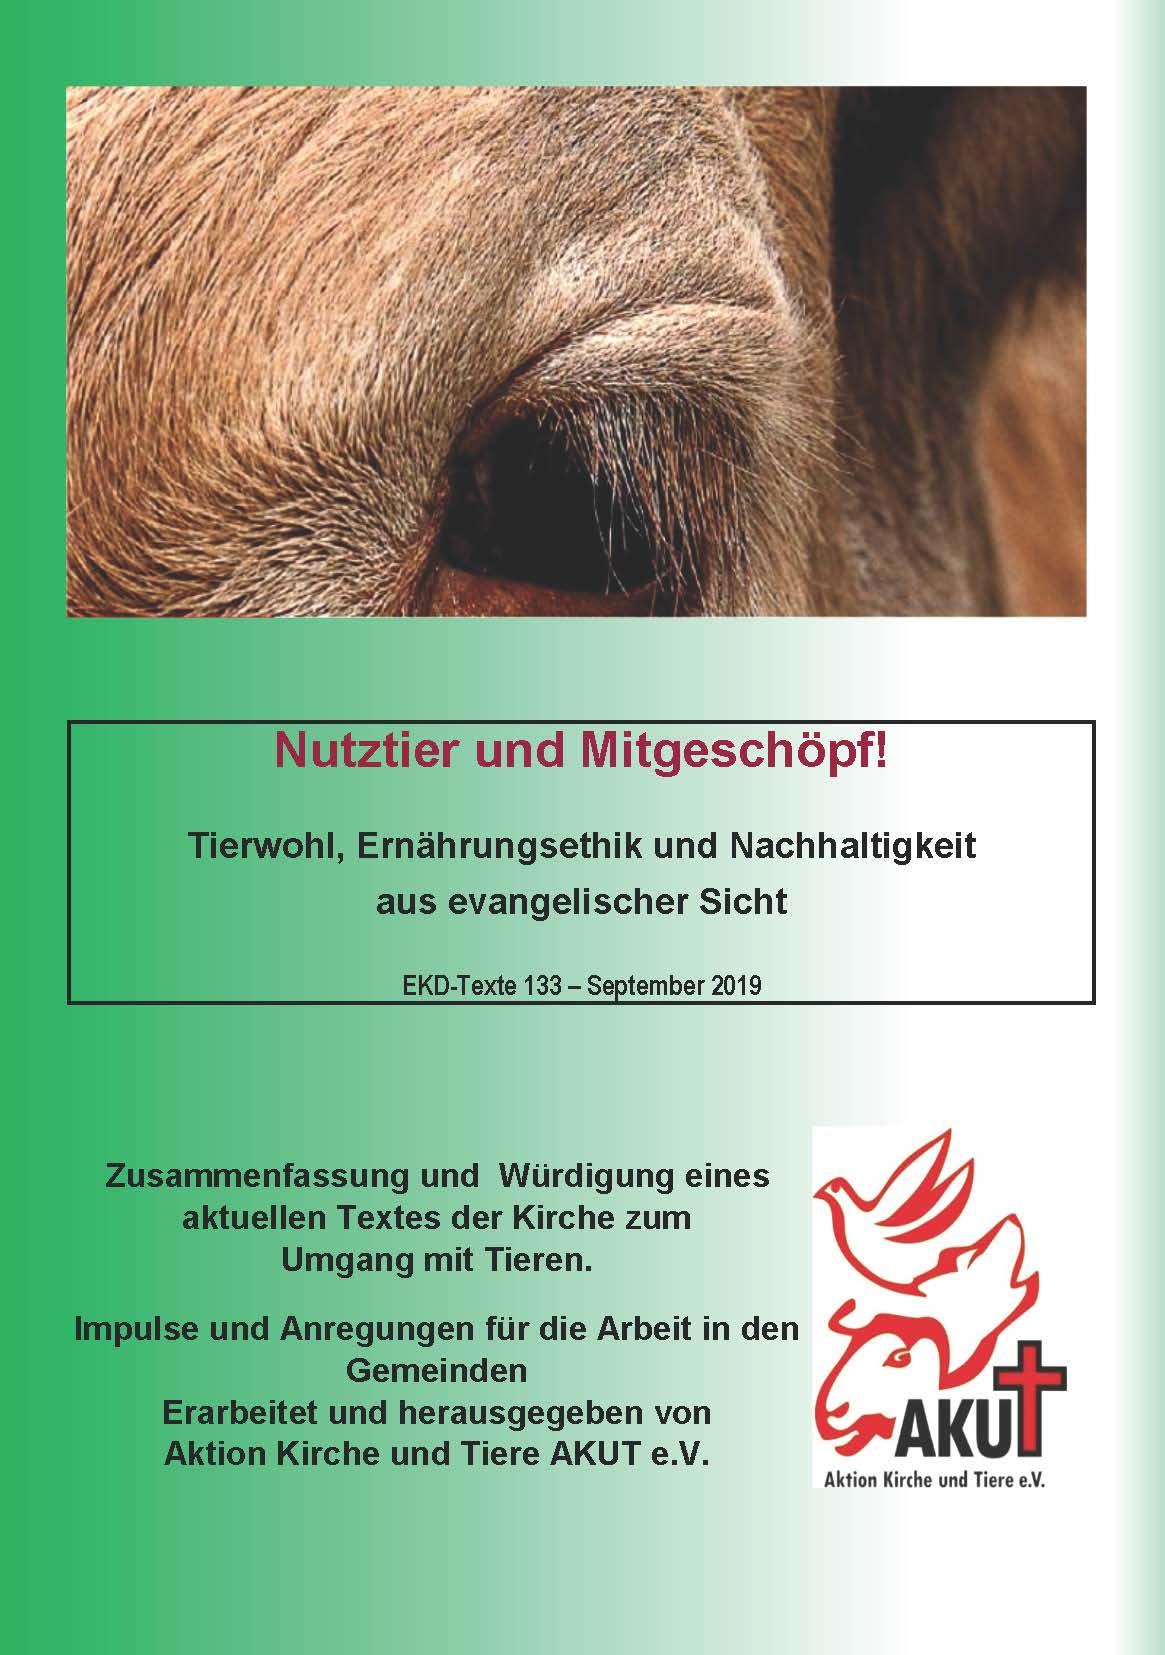 """Titelseite """"Nutztier und Mitgeschöpf!"""